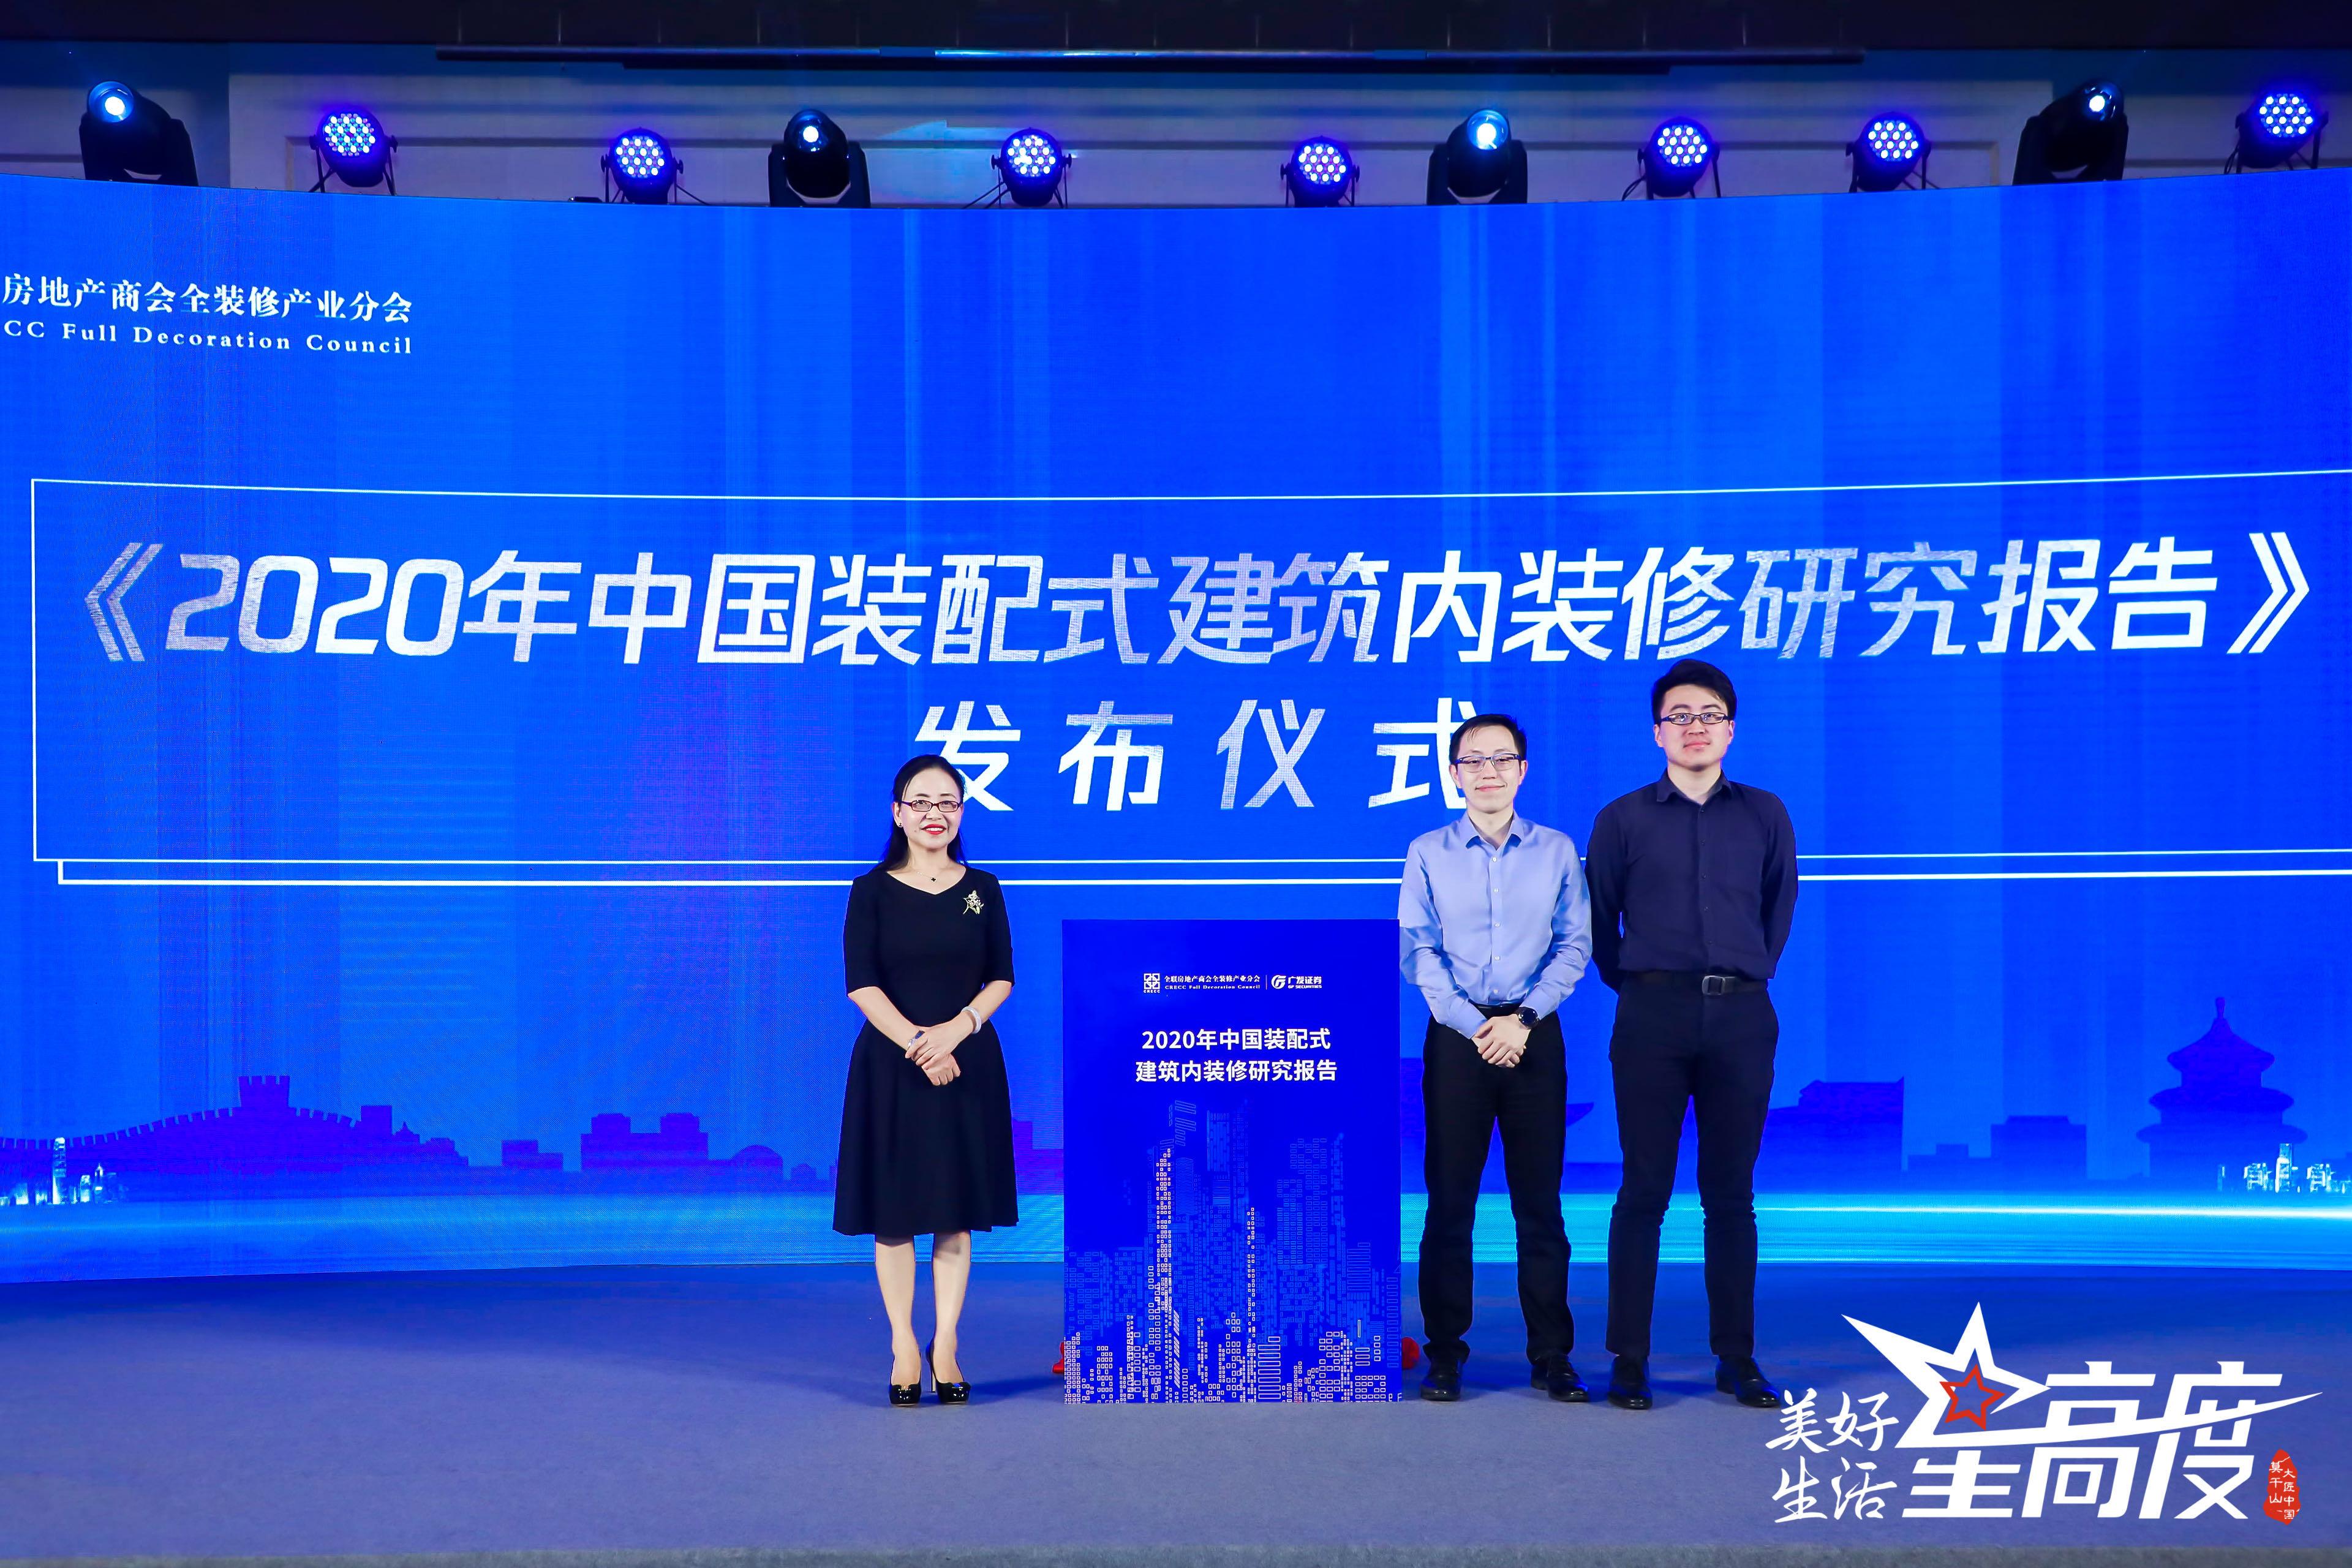 《2020年中国装配式建筑内装修研究报告》正式发布战